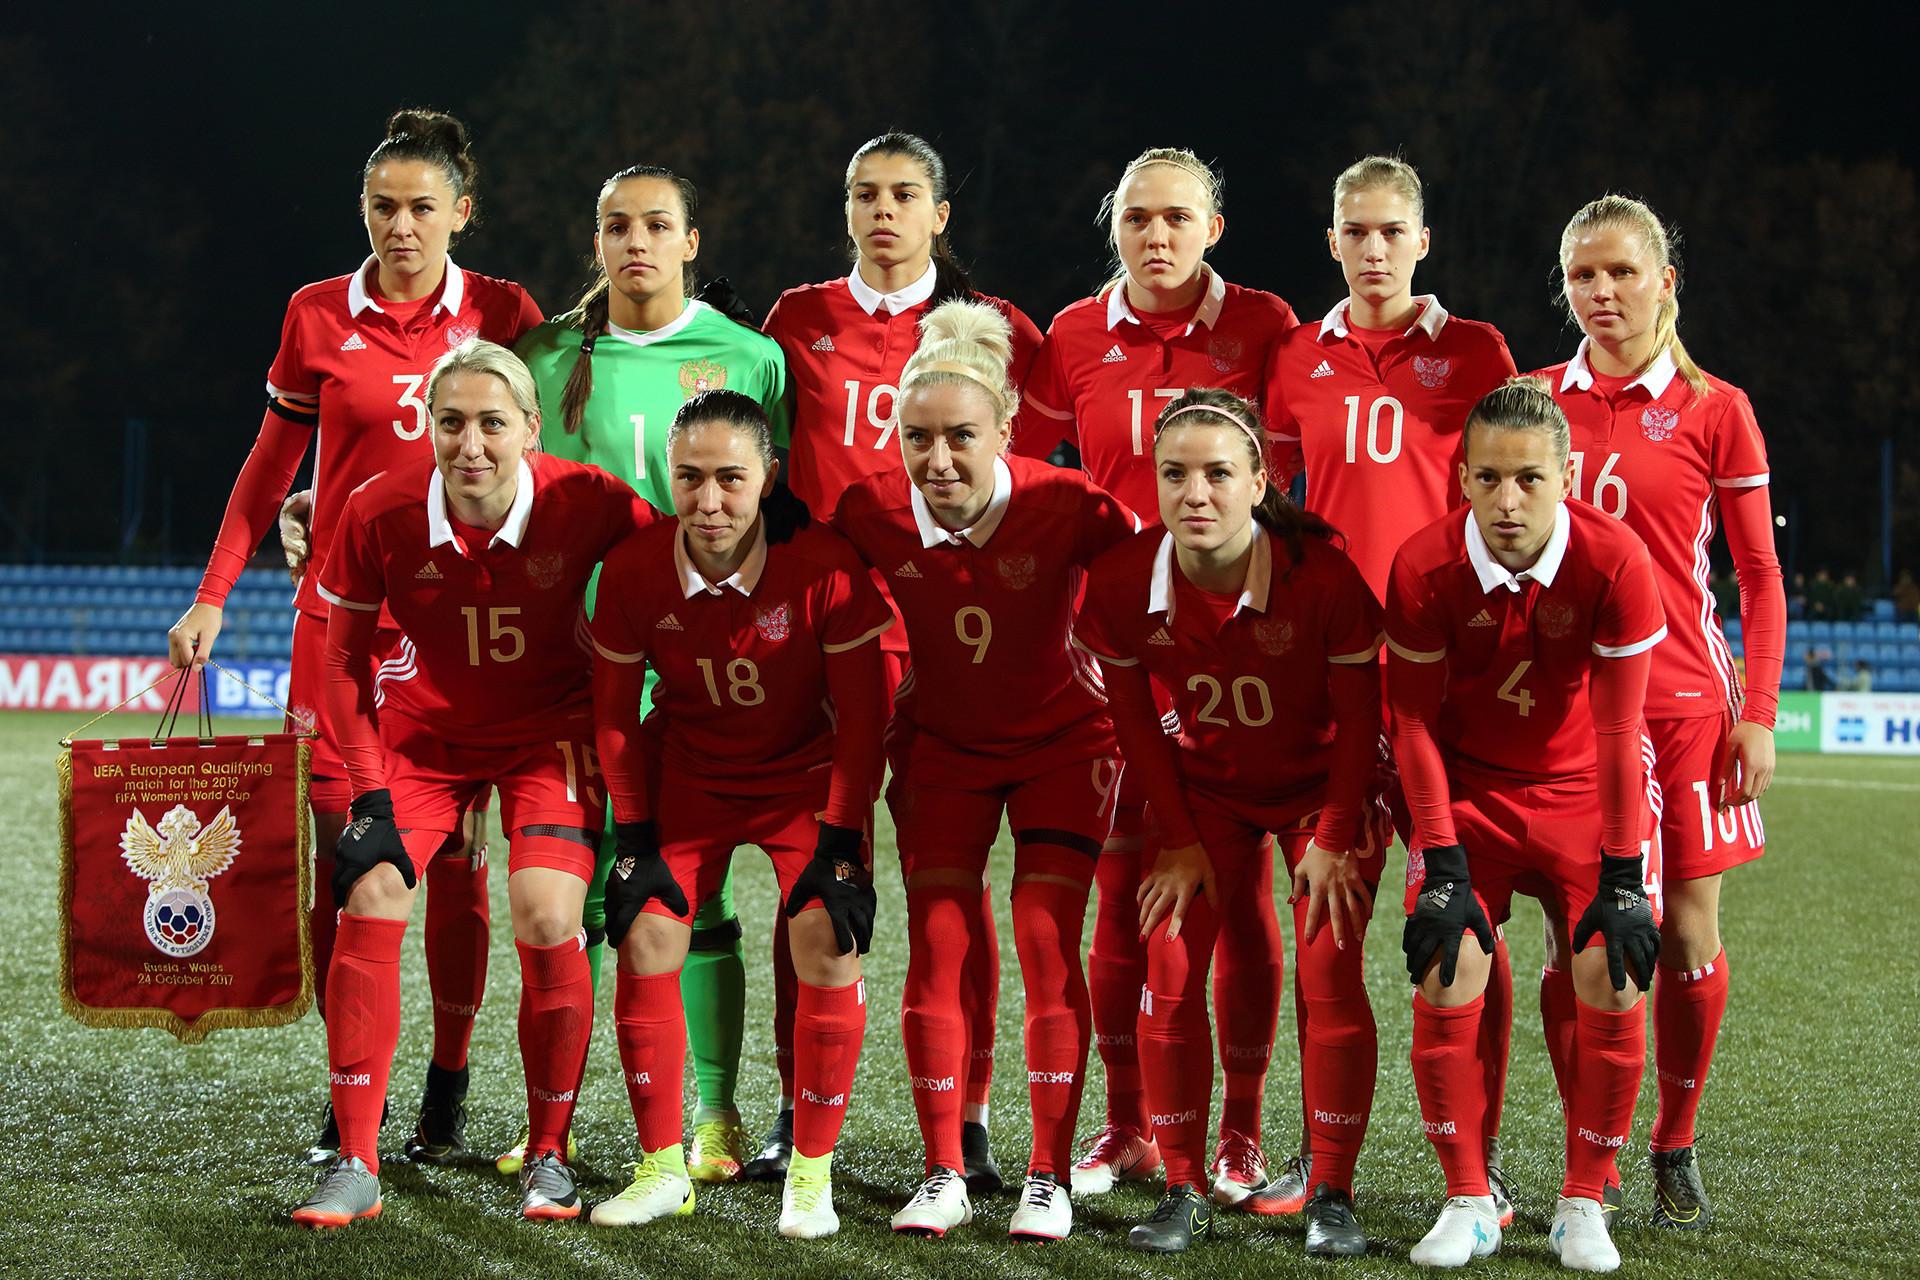 Torneio de qualificação Rússia-País de Gales da Copa do Mundo Feminina 2019.